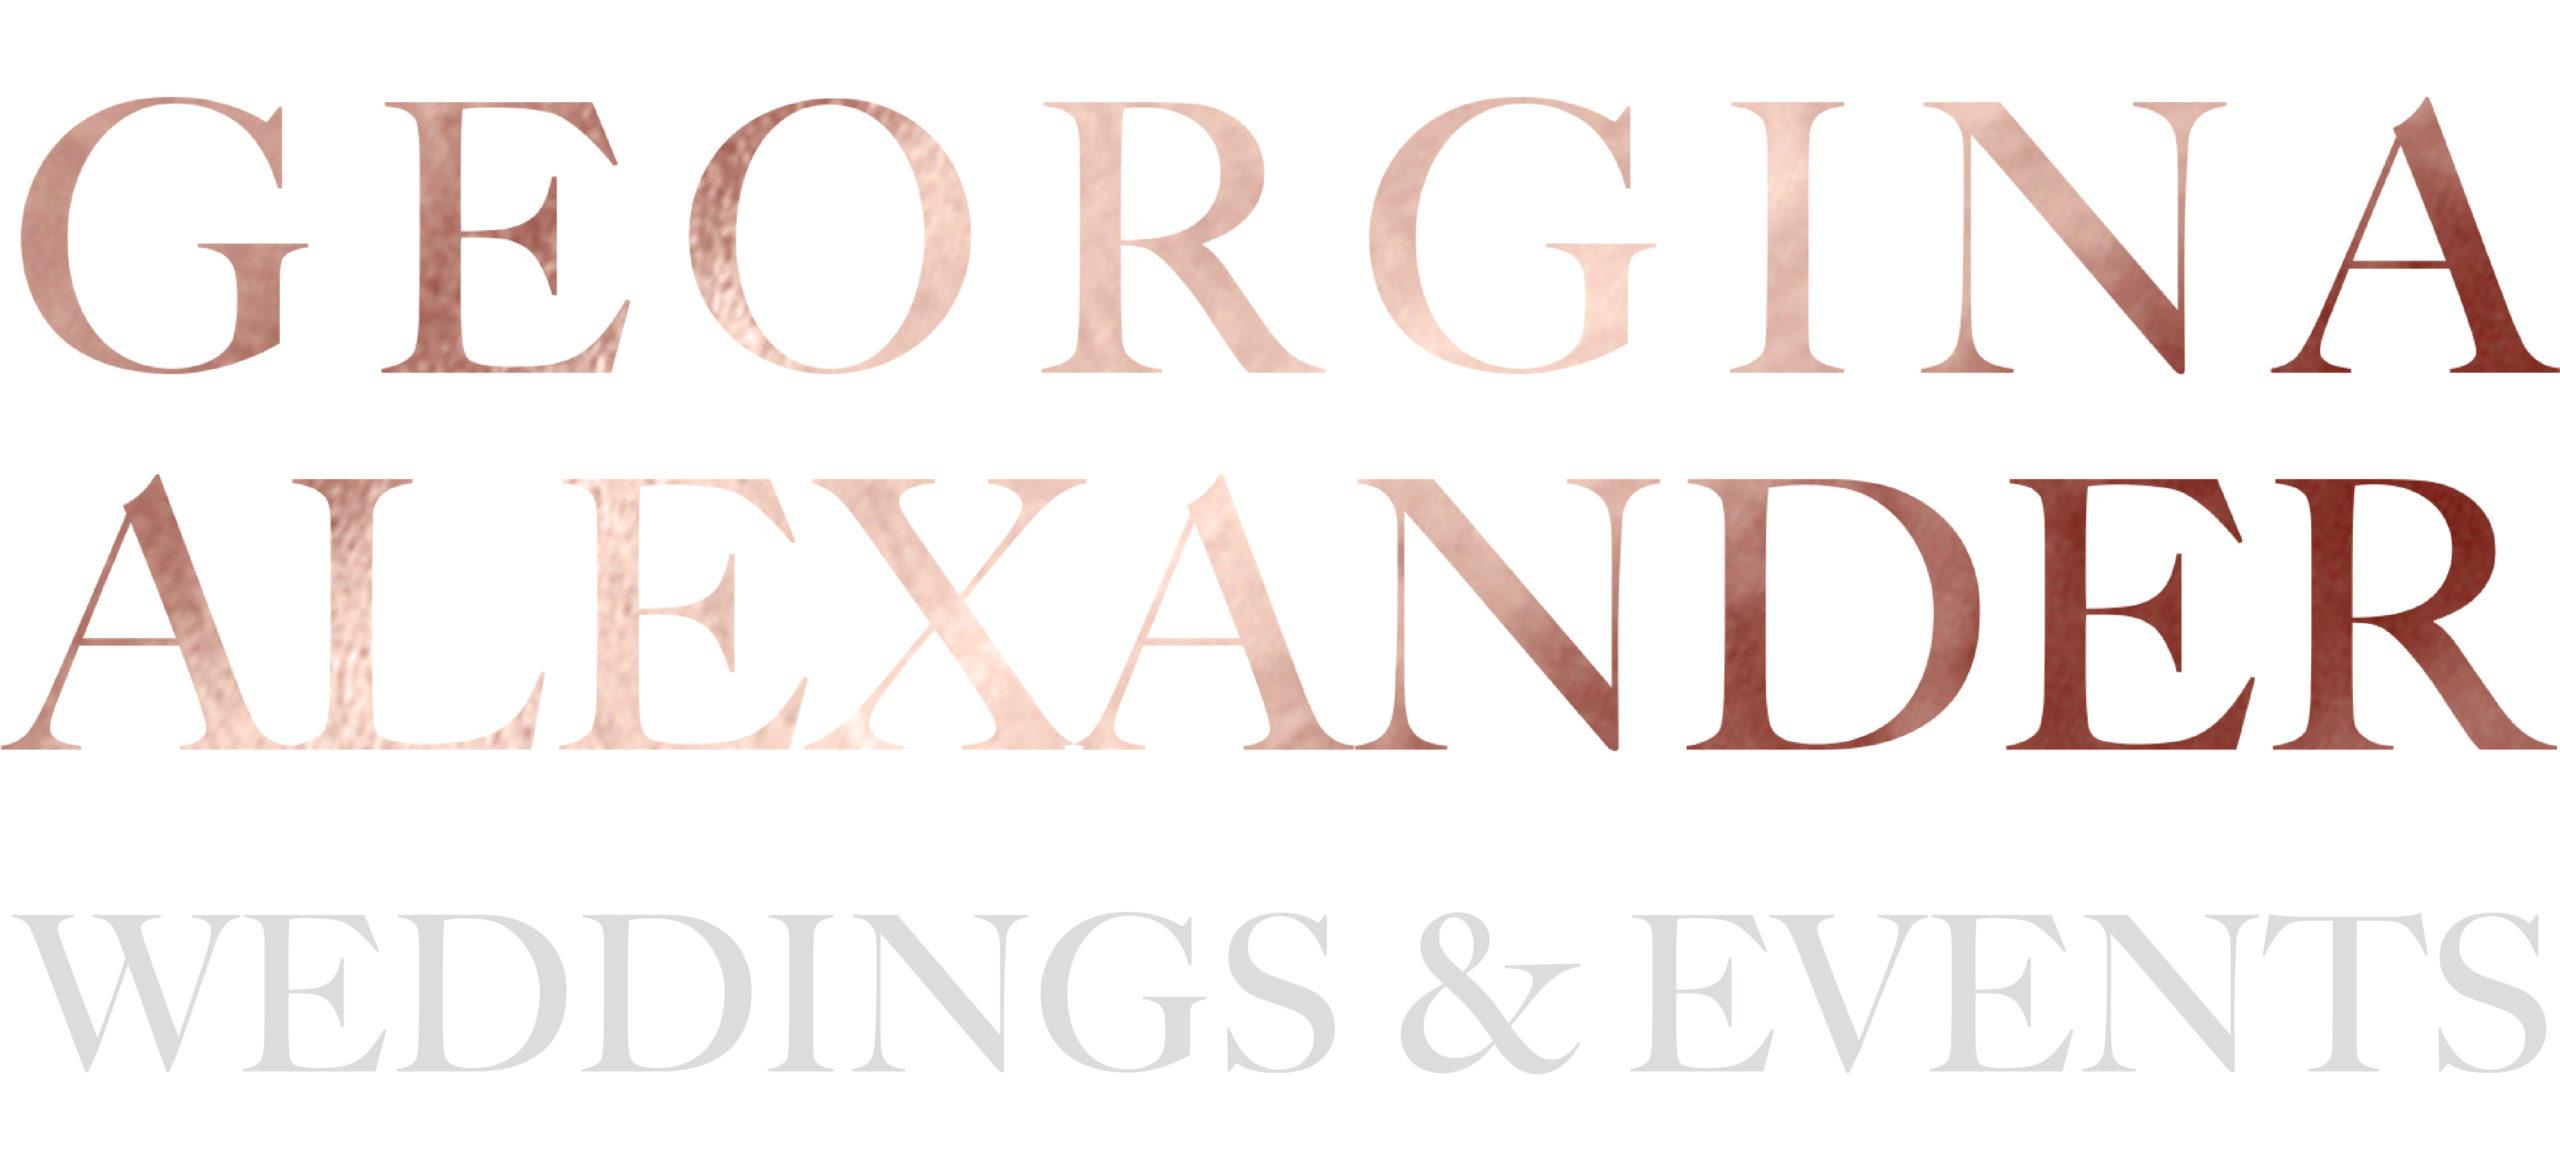 Company logo with strapline